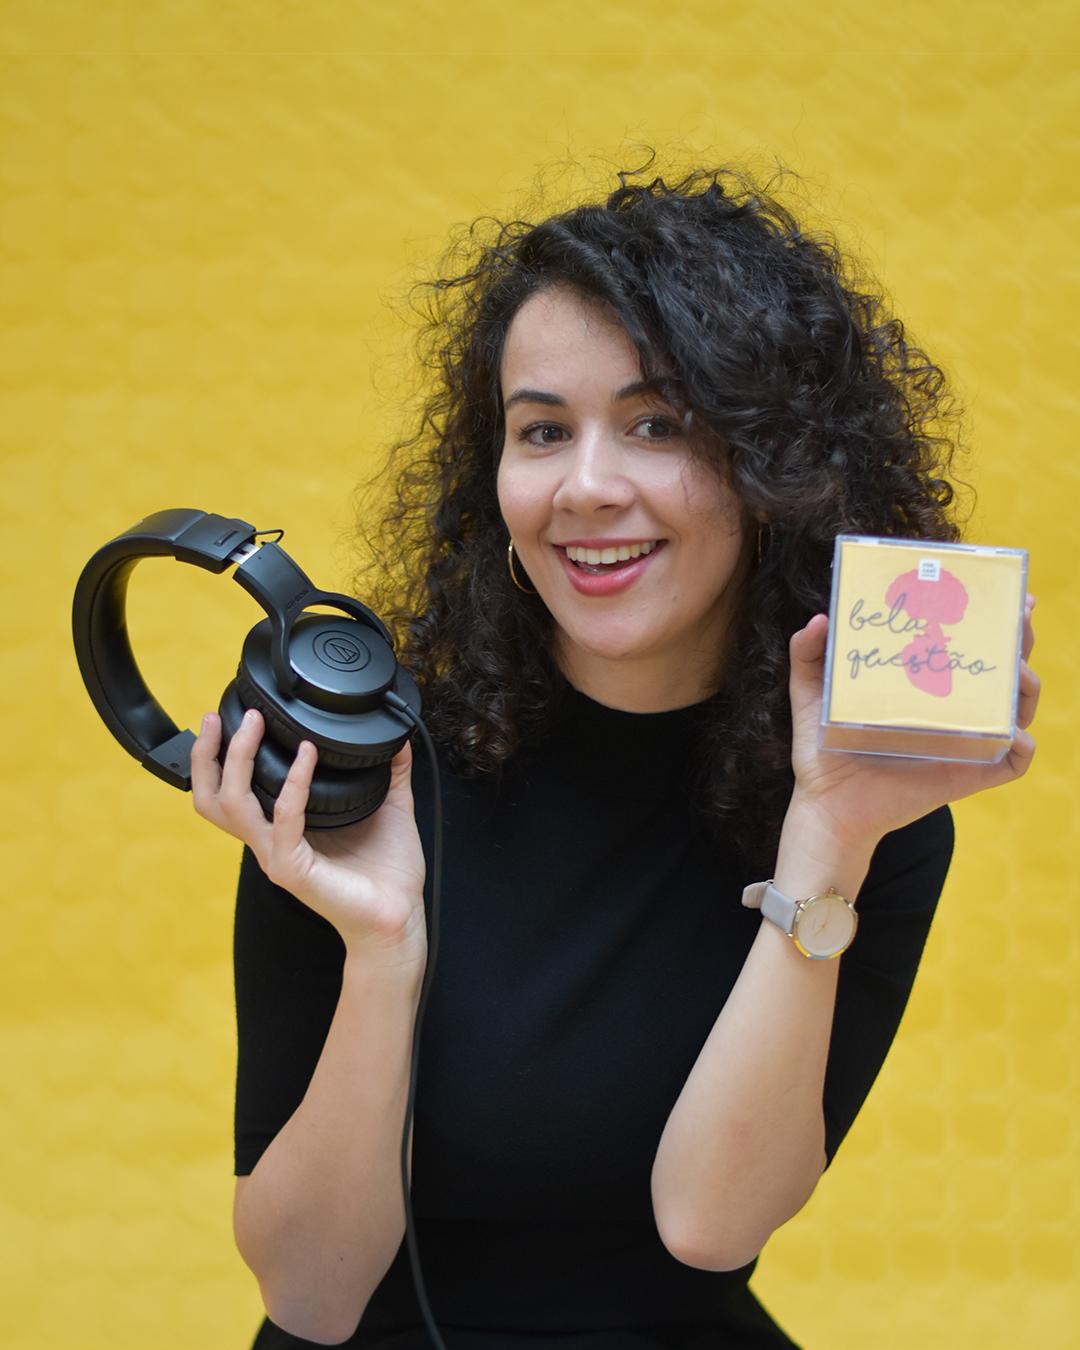 Amália Carvalho, Fundadora do Podcast Bela Questão